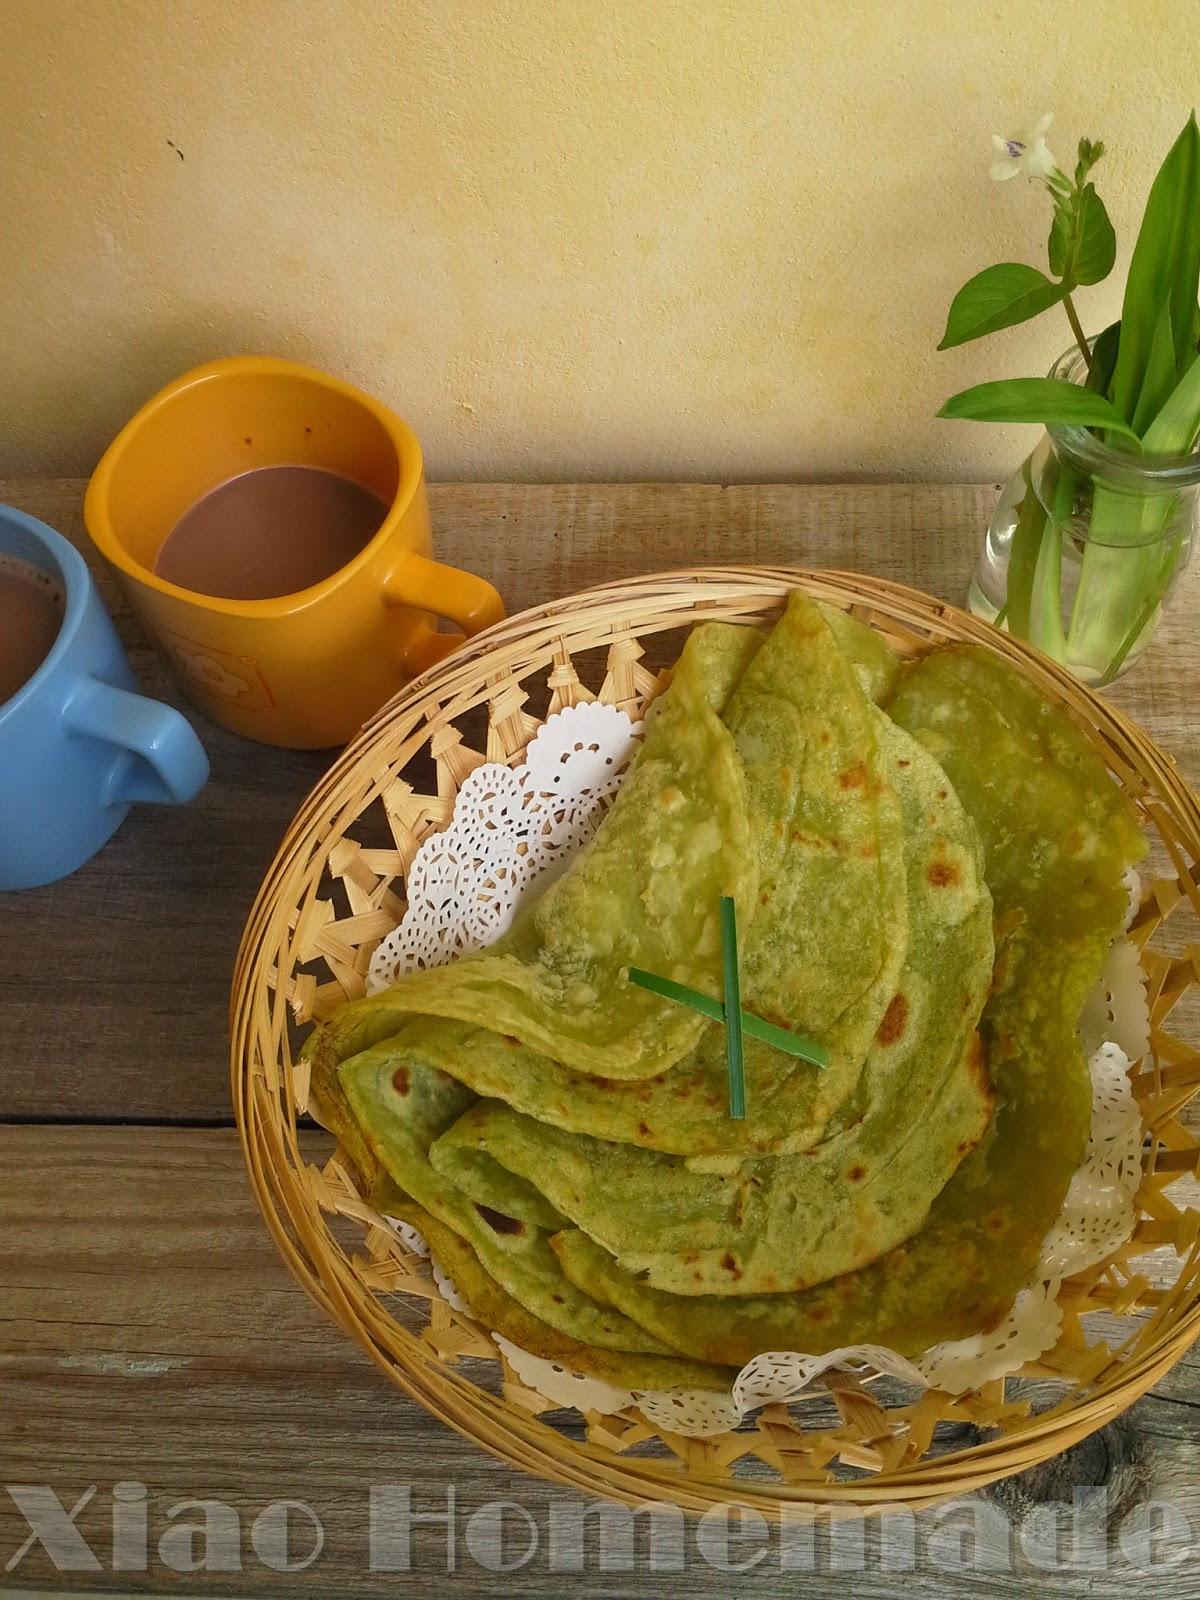 Xiao Homemade's Blog: 香煎班蘭面粉糕